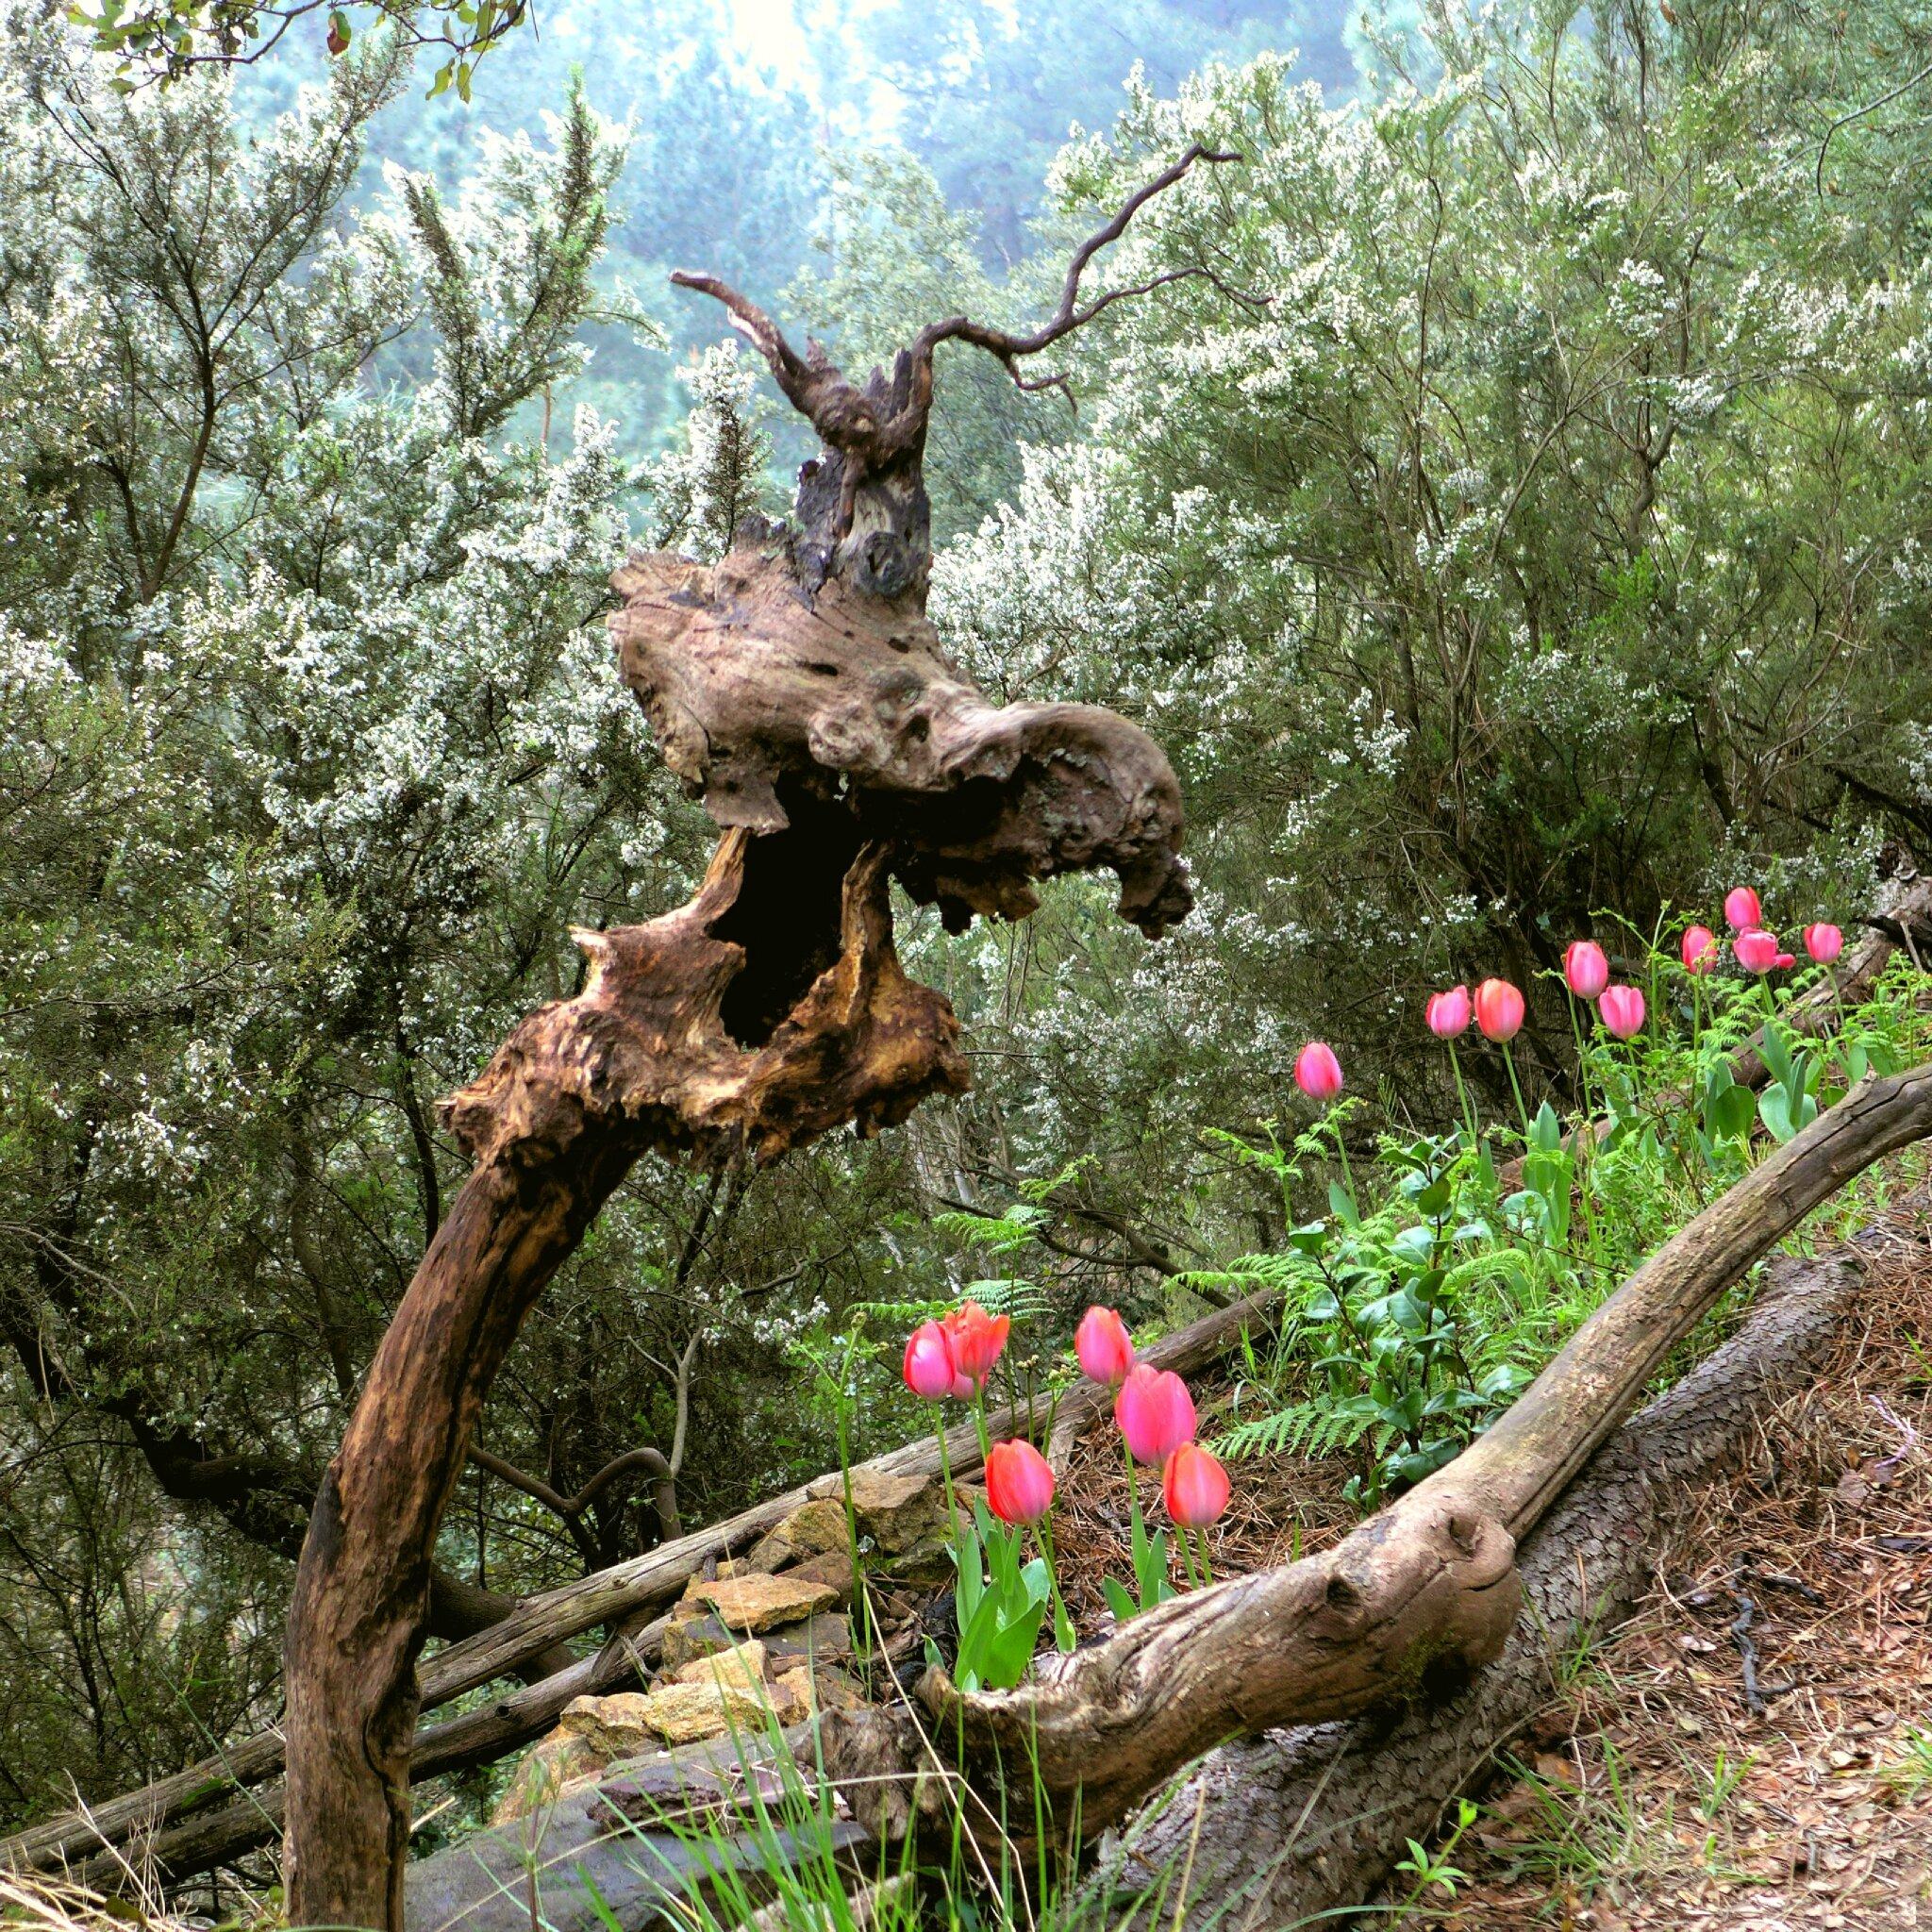 éclat de rire sur tulipes yurtao